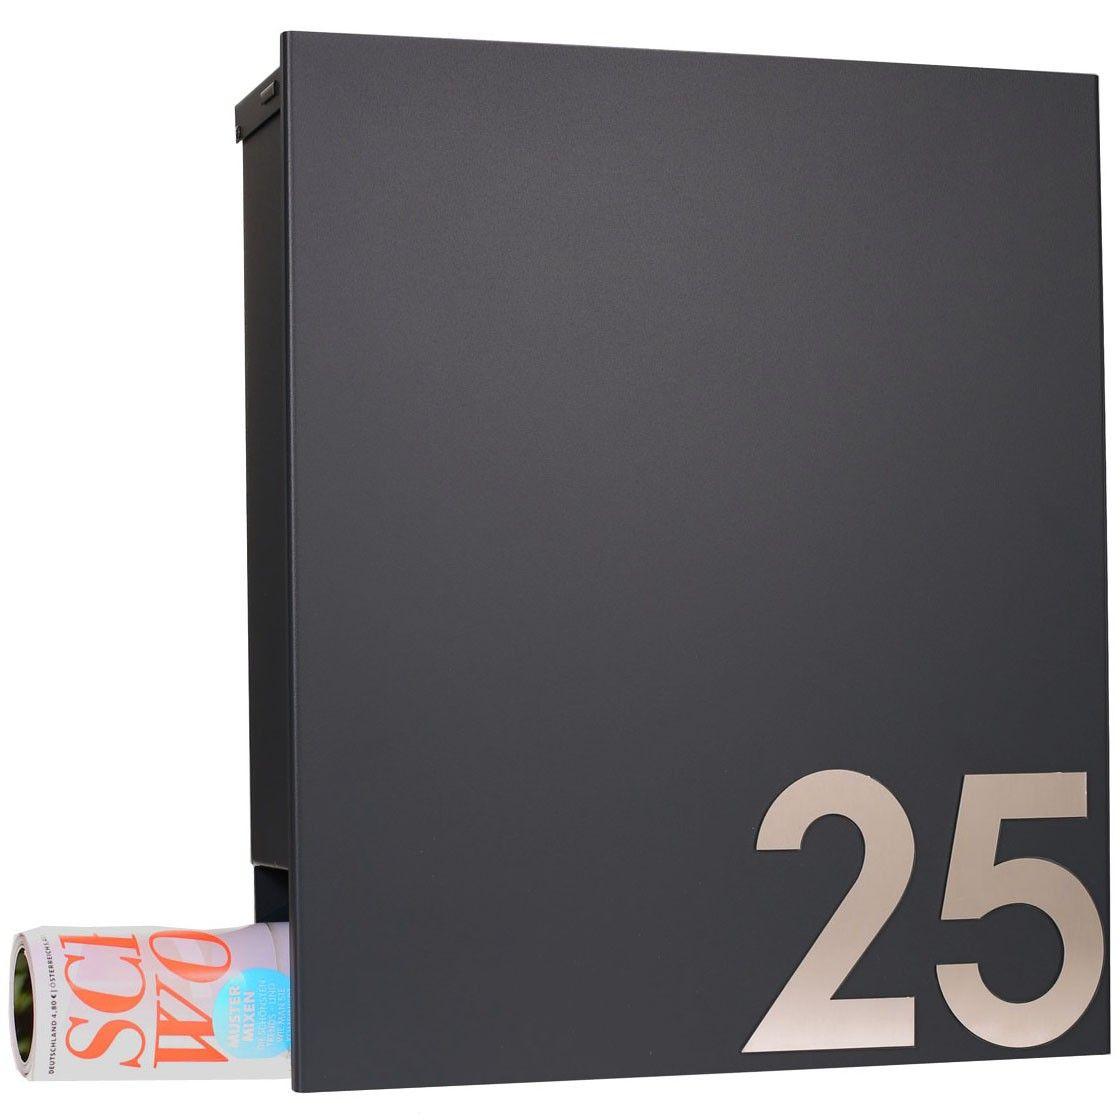 Design Briefkasten Mit Zeitungfach Schwarz Ral 9005 Mocavi Box 111 Wandbriefkasten 12 Liter Einga Design Briefkasten Briefkasten Mit Zeitungsfach Briefkasten